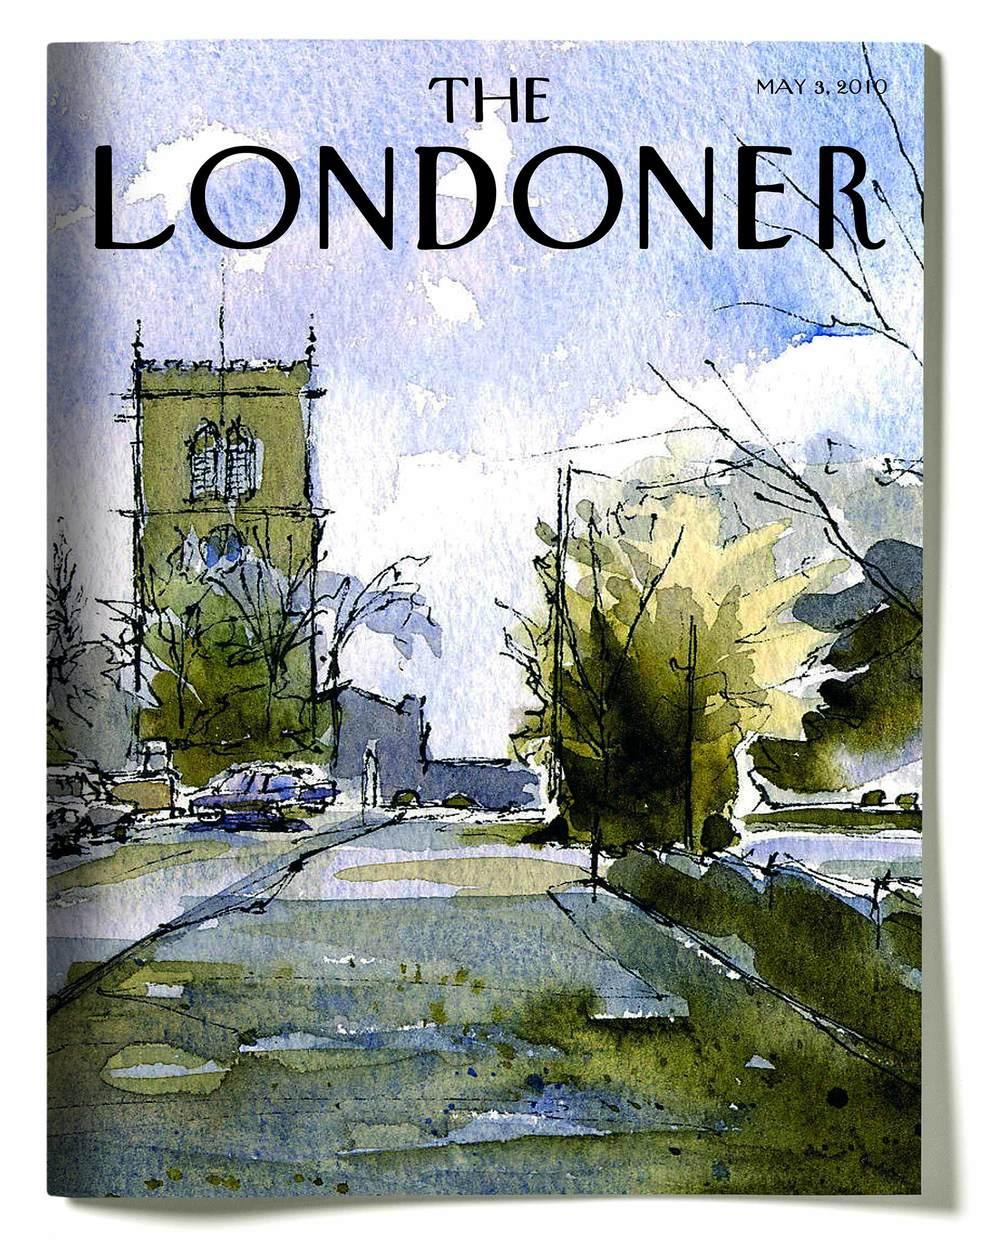 HSBC New Yorker Londoner.jpg